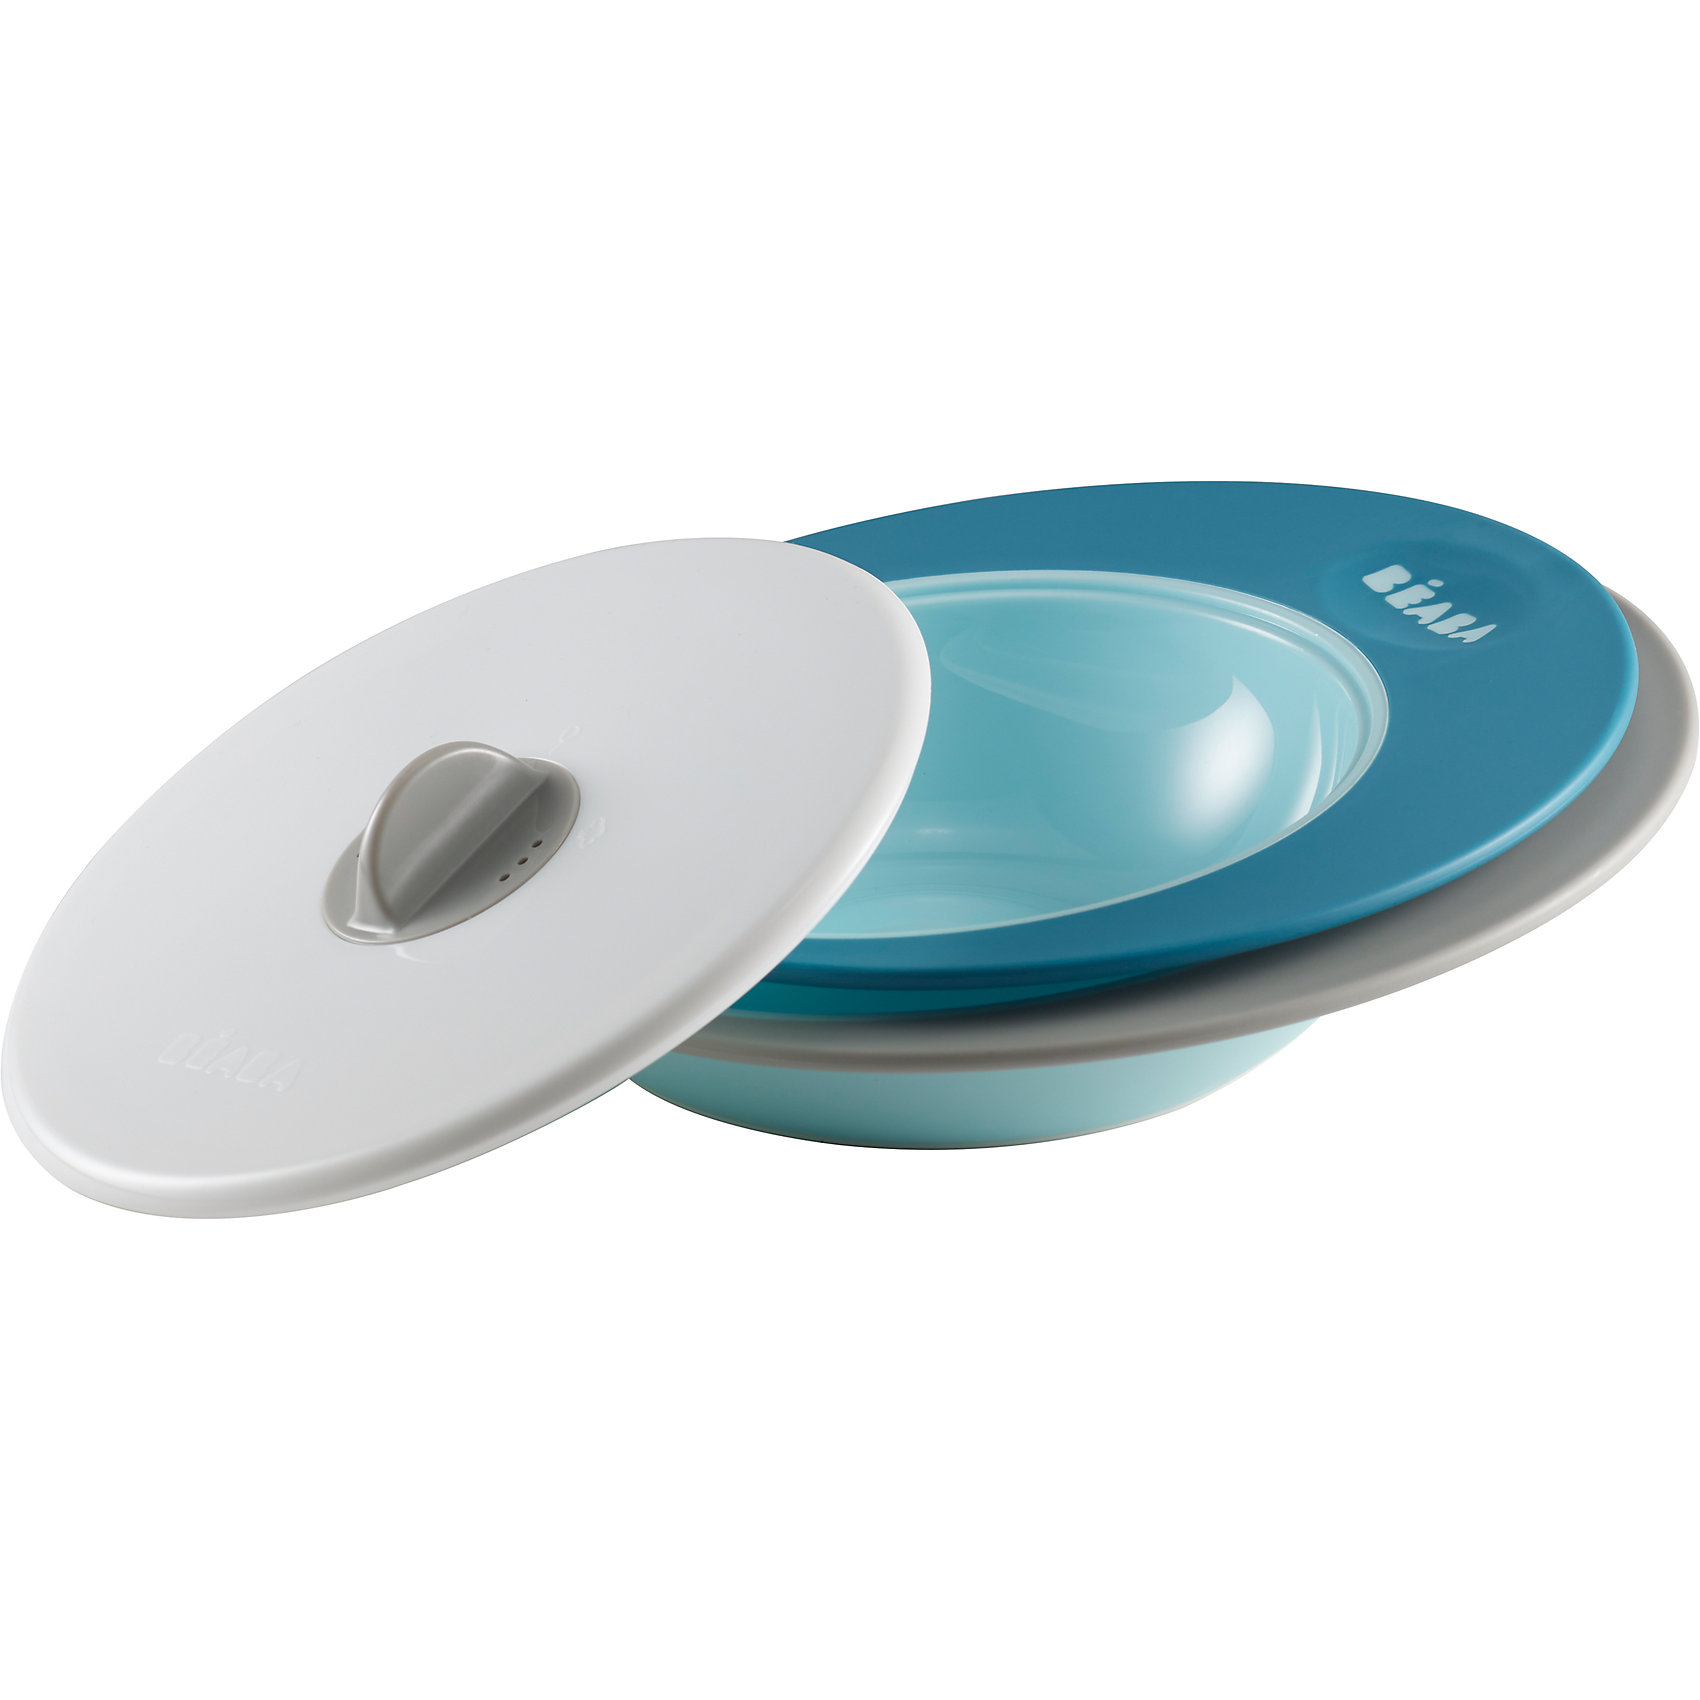 Набор тарелок ELLIPSE, Beaba, синийНабор тарелок ELLIPSE, Beaba (Беаба), синий<br><br>Характеристики:<br><br>• два положения крышки: для микроволновой печи и для сохранения тепла<br>• прорезиненное основание<br>• широкие края<br>• выгнутое дно<br>• объем маленькой тарелки: 210 мл<br>• объем большой тарелки: 300 мл<br>• подходят для посудомоечной машины и микроволновой печи<br>• материал: пластик<br>• размер упаковки: 22х22х8 см<br>• вес: 500 грамм<br>• цвет: синий<br><br>Тарелки ELLIPSE подходят для первого прикорма и самостоятельного приема пищи. В комплект входят две тарелки (210 и 300 мл) и крышка. Крышка имеет два положения. Одно предназначено для разогрева в микроволновой печи, а второе для сохранения температуры. Широкие края тарелок позволяют легко перемешать содержимое. А выгнутое дно поможет правильно распределить пищу. Тарелки подходят для использования в микроволновой печи и посудомоечной машине.<br><br>Набор тарелок ELLIPSE, Beaba (Беаба), синий можно купить в нашем интернет-магазине.<br><br>Ширина мм: 205<br>Глубина мм: 66<br>Высота мм: 240<br>Вес г: 370<br>Возраст от месяцев: 4<br>Возраст до месяцев: 2147483647<br>Пол: Мужской<br>Возраст: Детский<br>SKU: 5445726